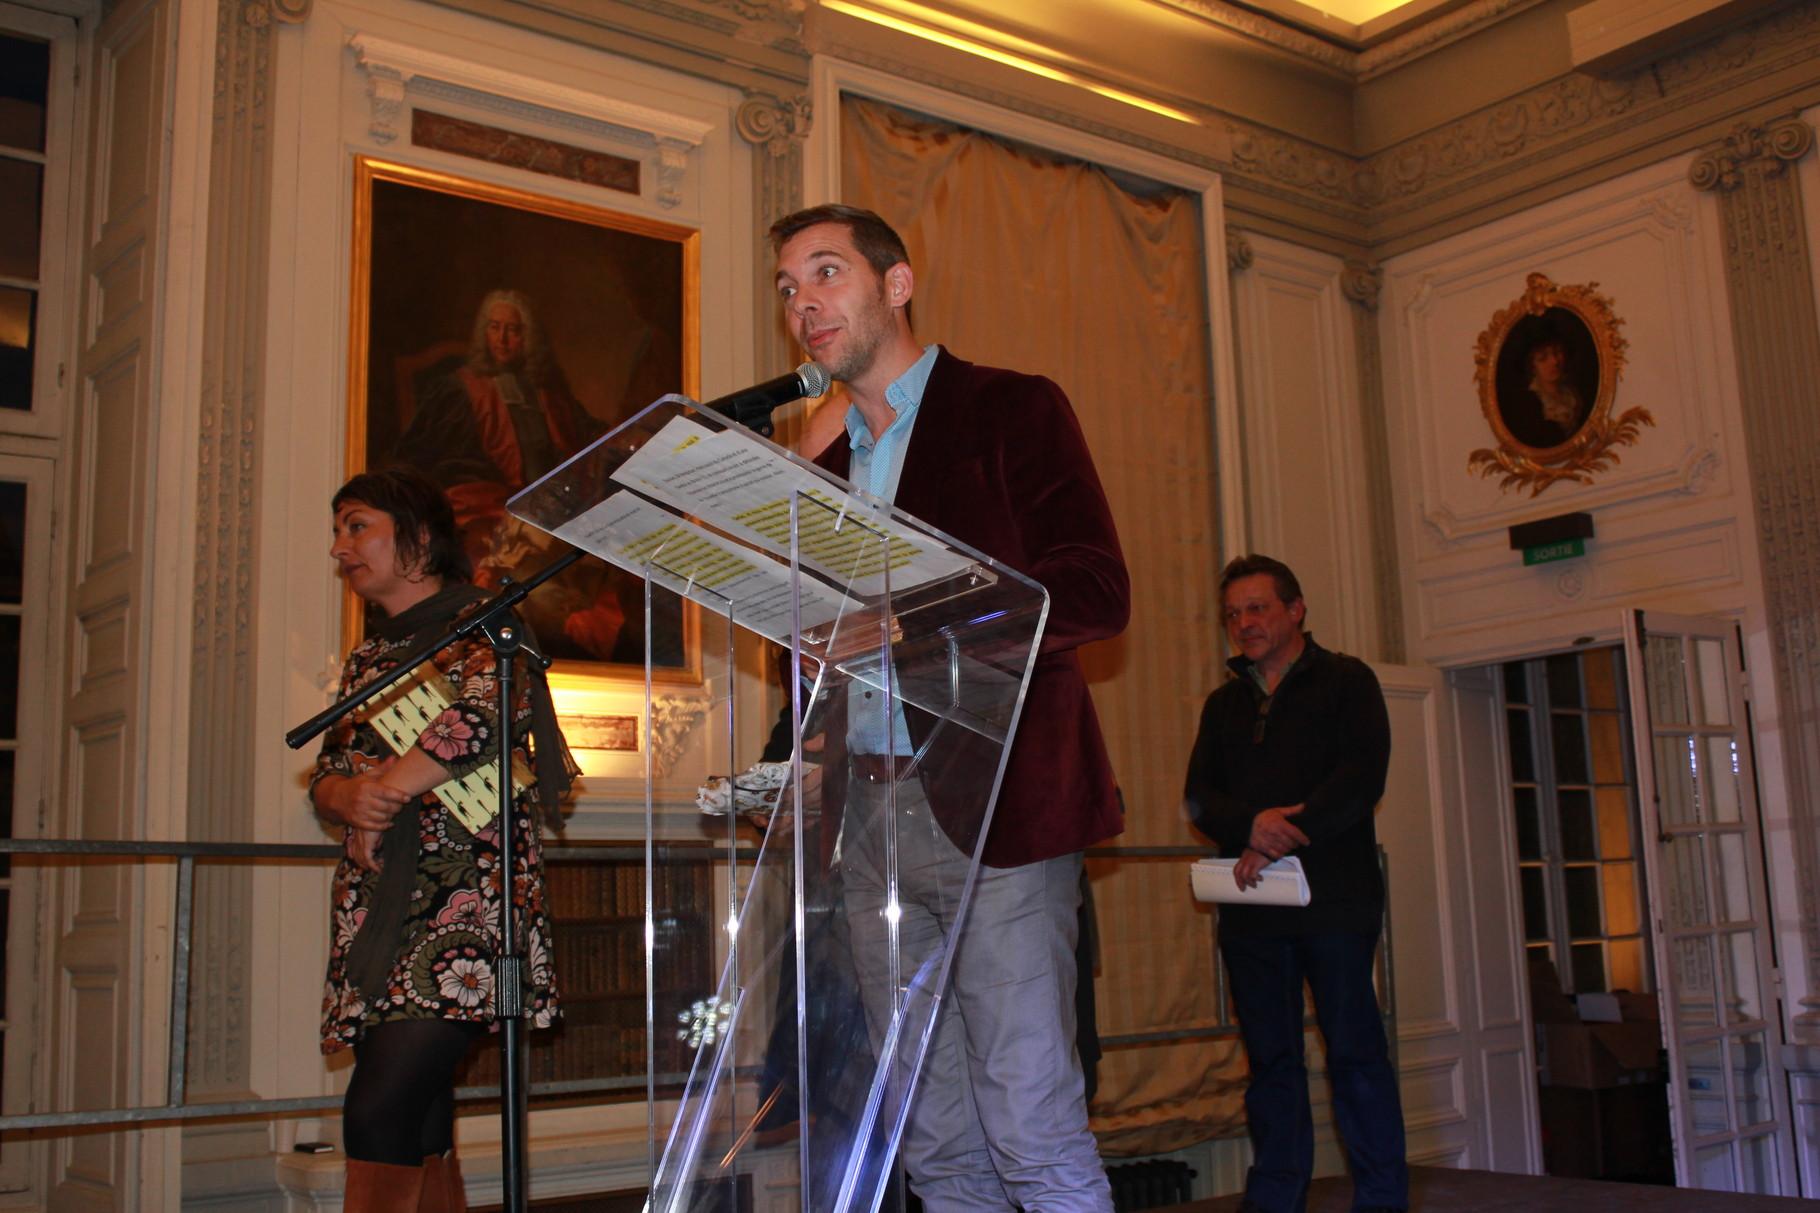 Romain Puértolas, président du jury 2016 s'apprête à annoncer le 1er Prix